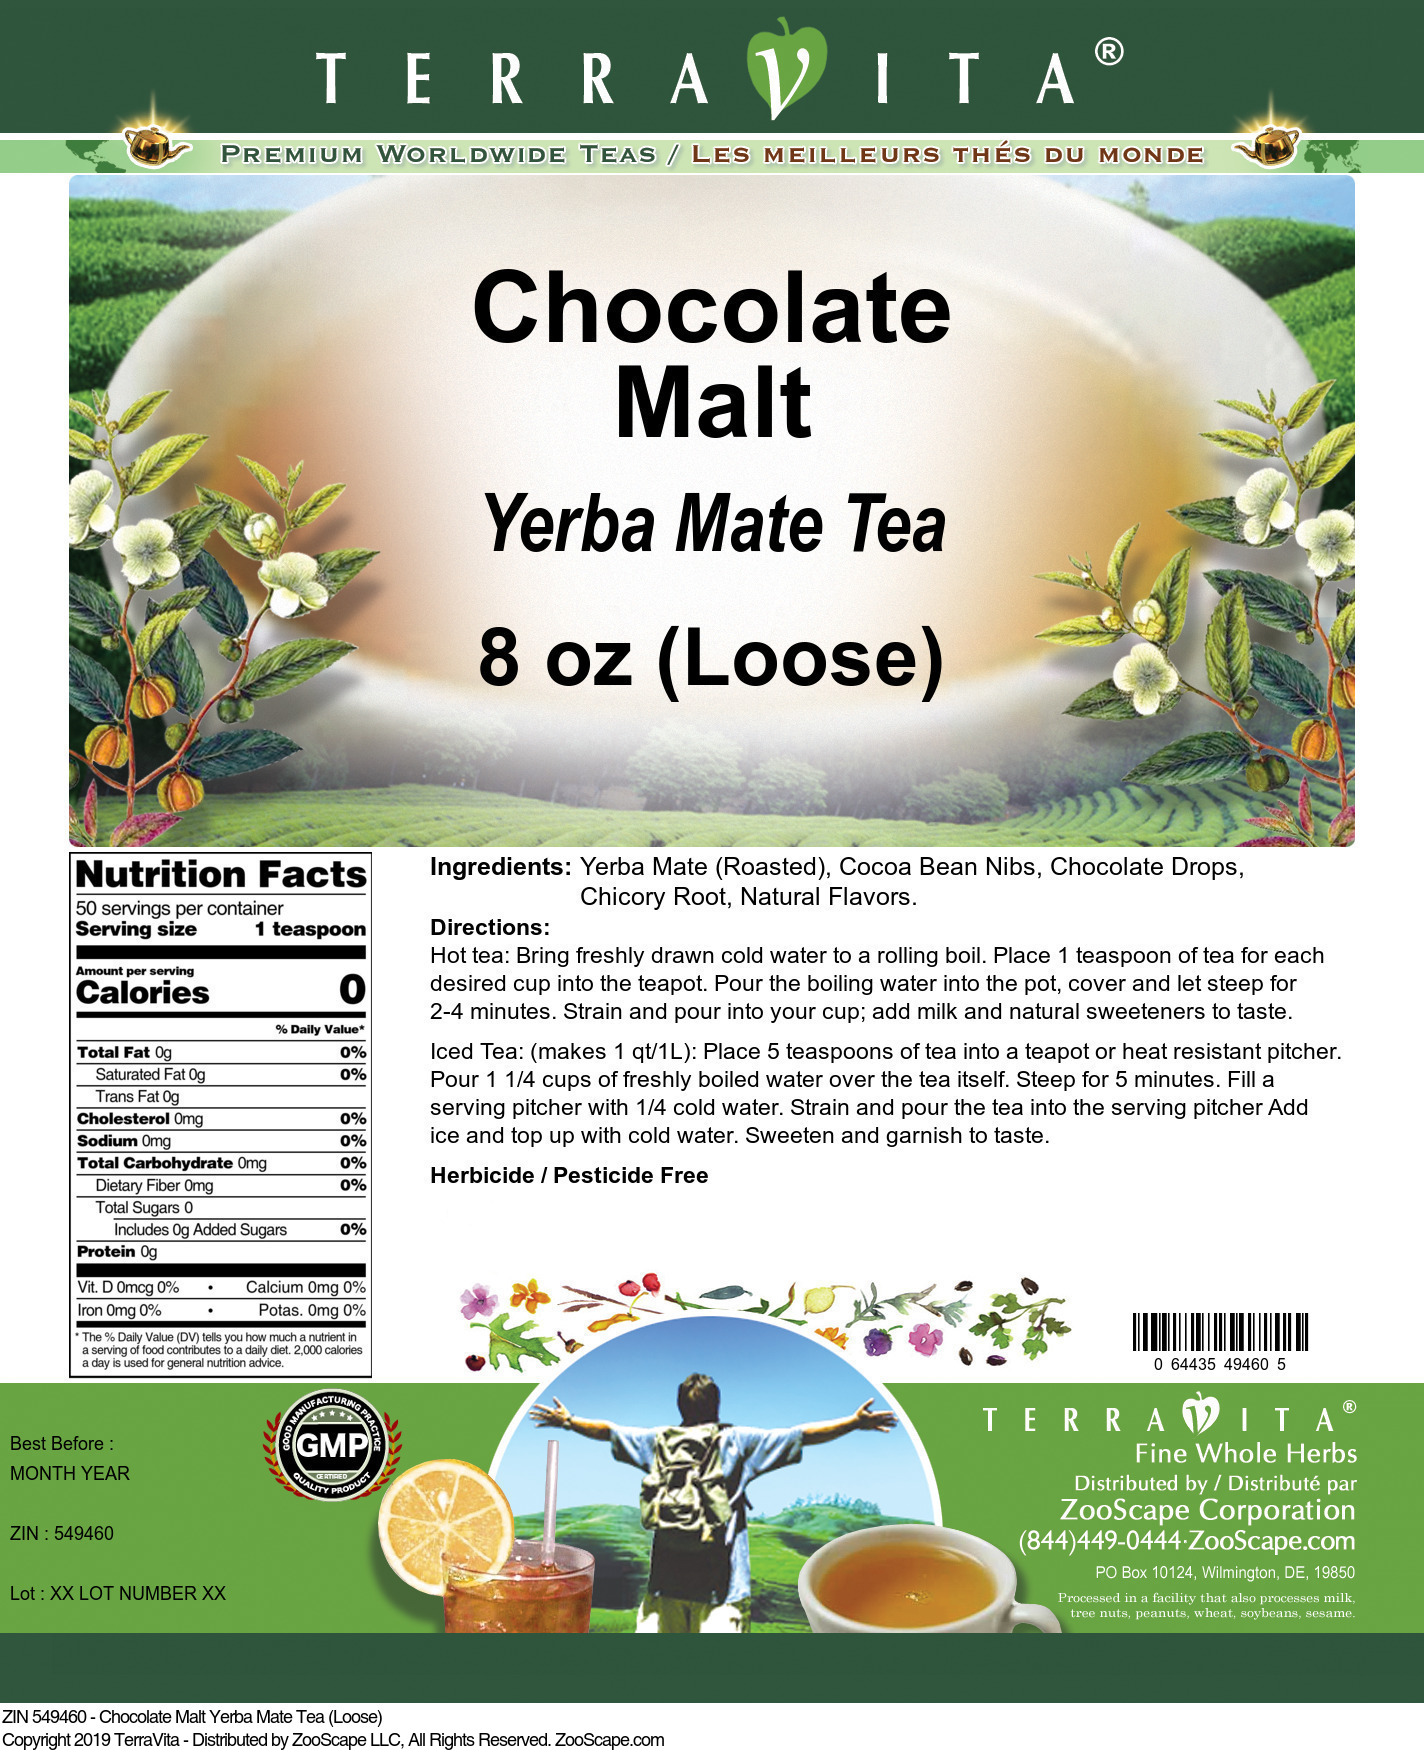 Chocolate Malt Yerba Mate